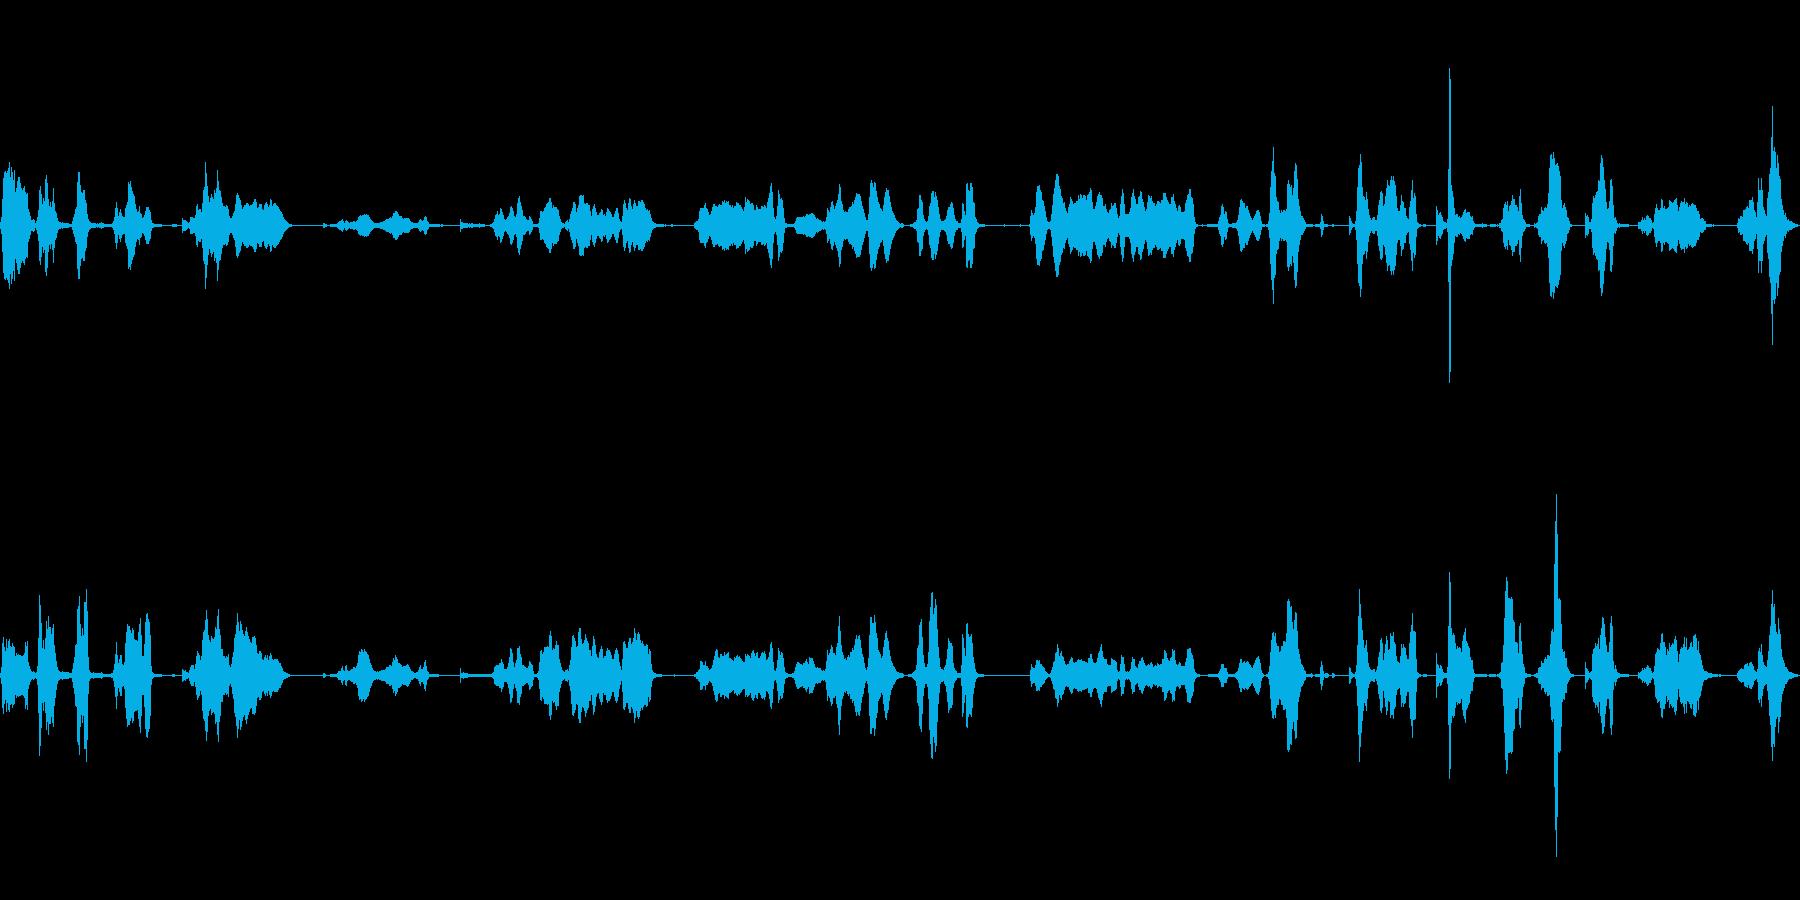 シンバル、メタル、スクラッチ、ホラ...の再生済みの波形